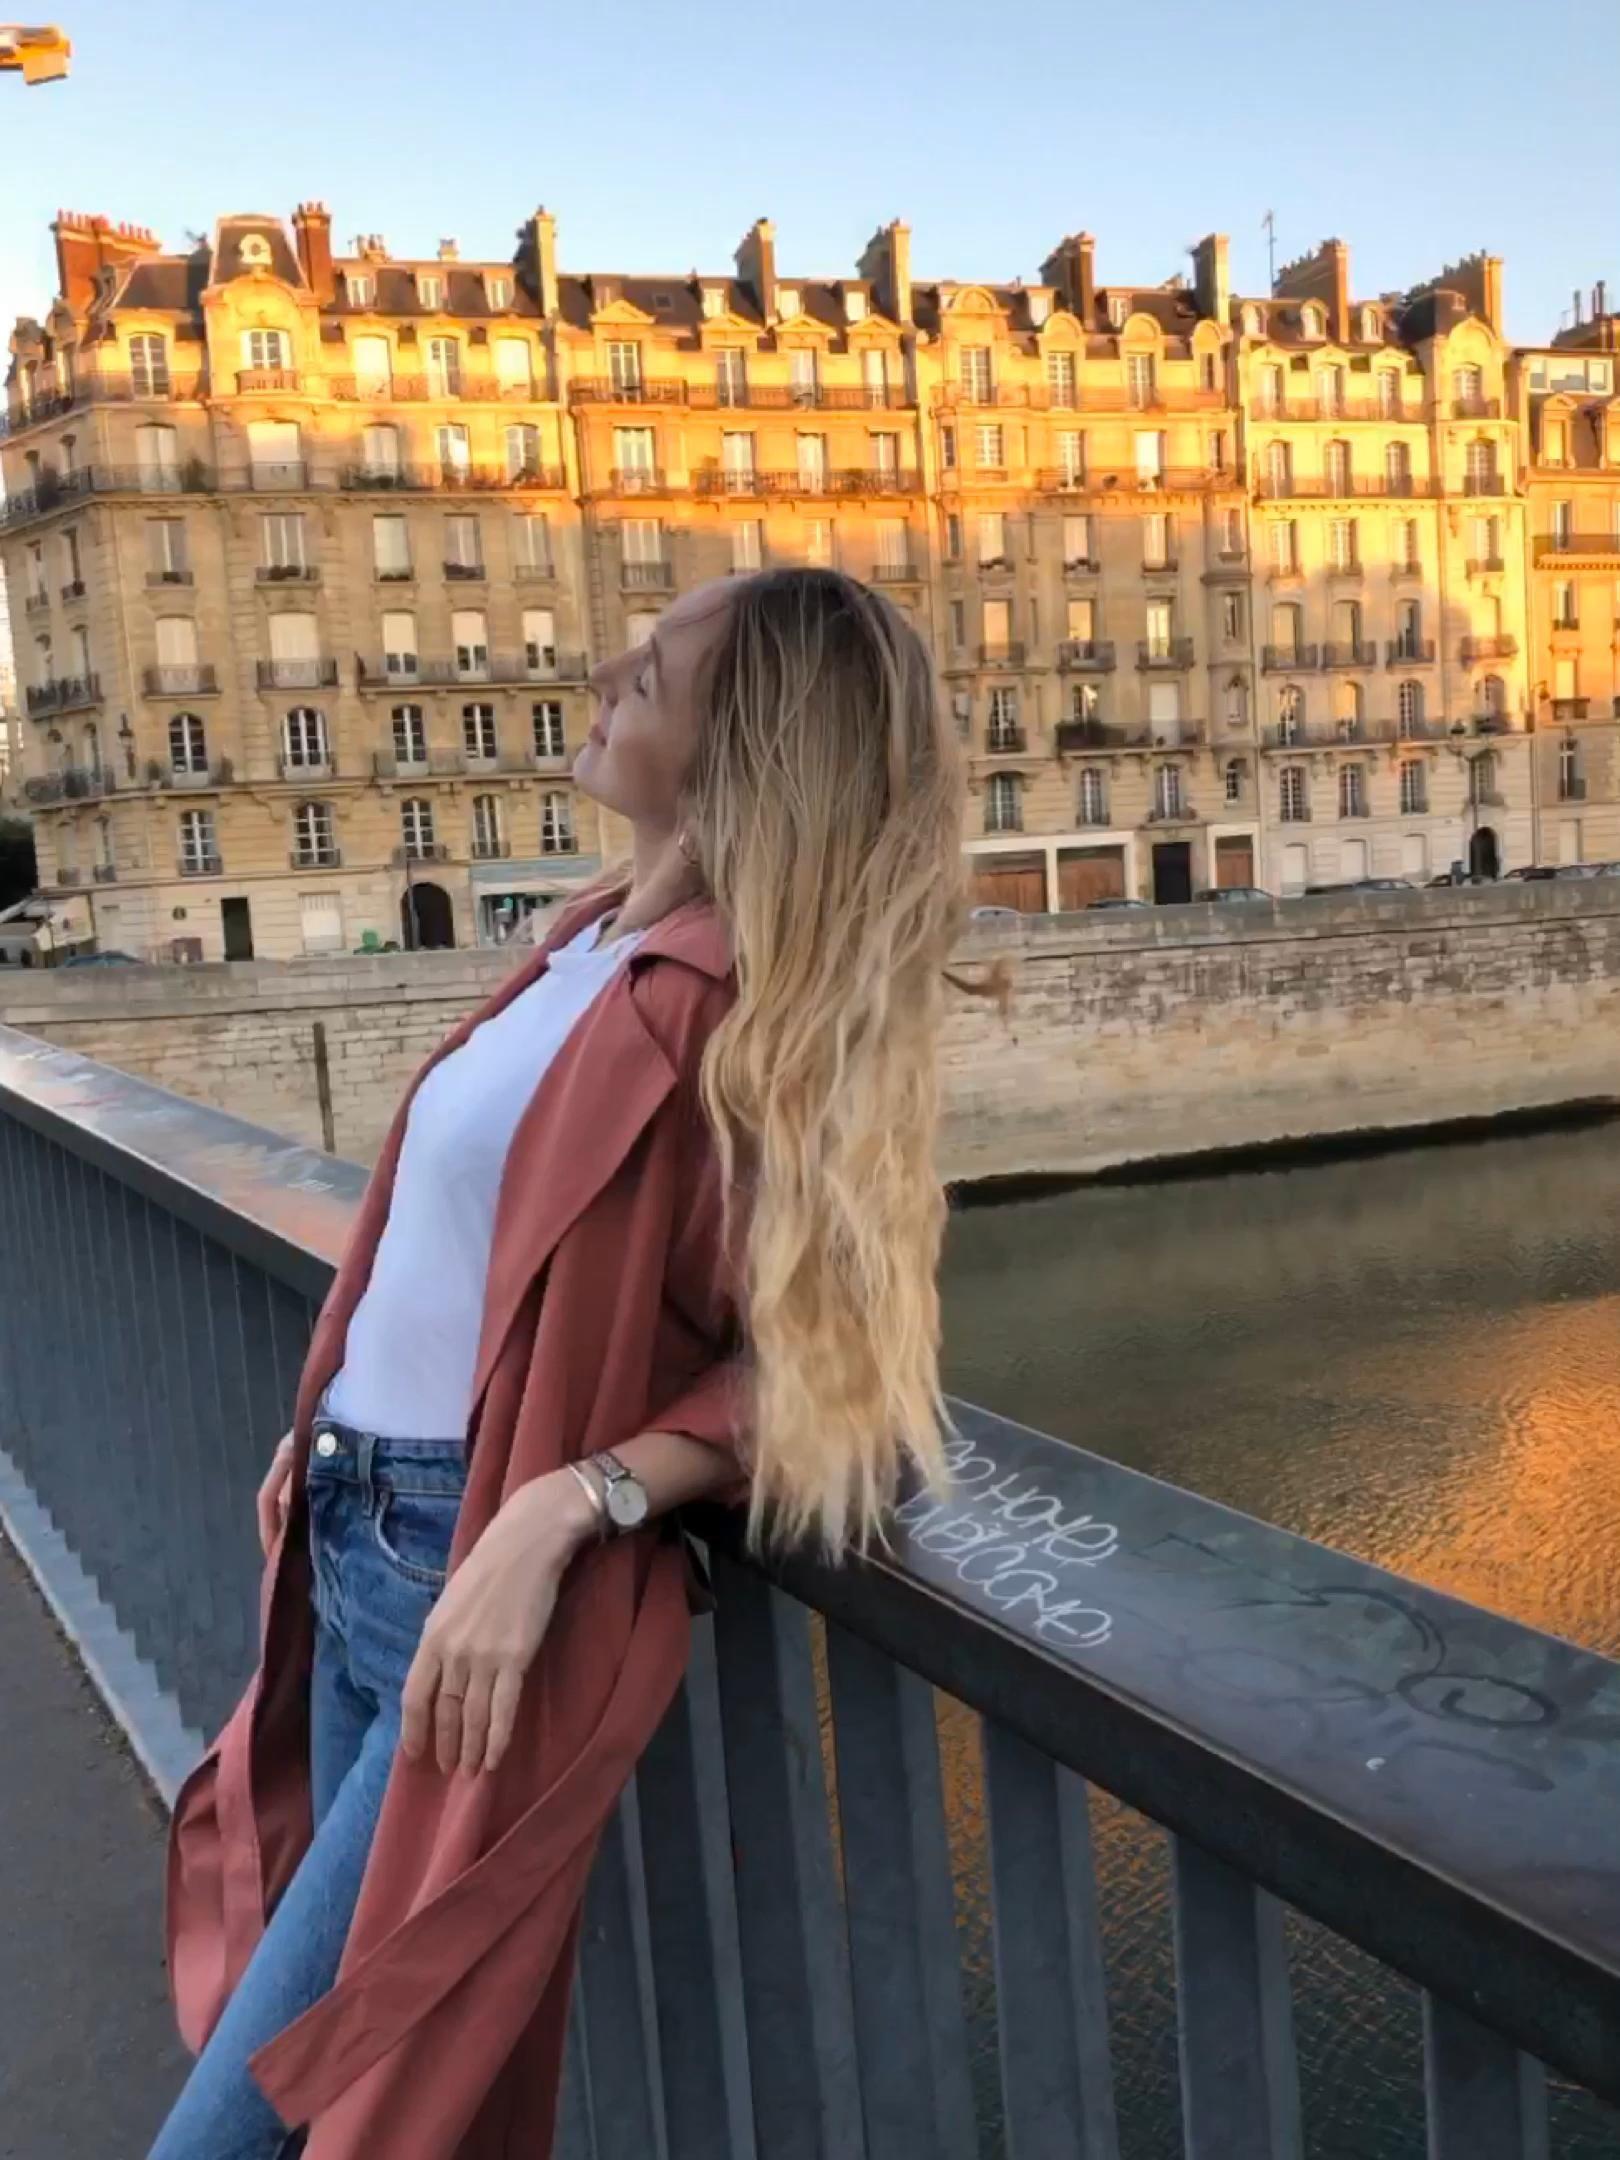 #sunrise #paris #parisian #parisienne #parisfrance